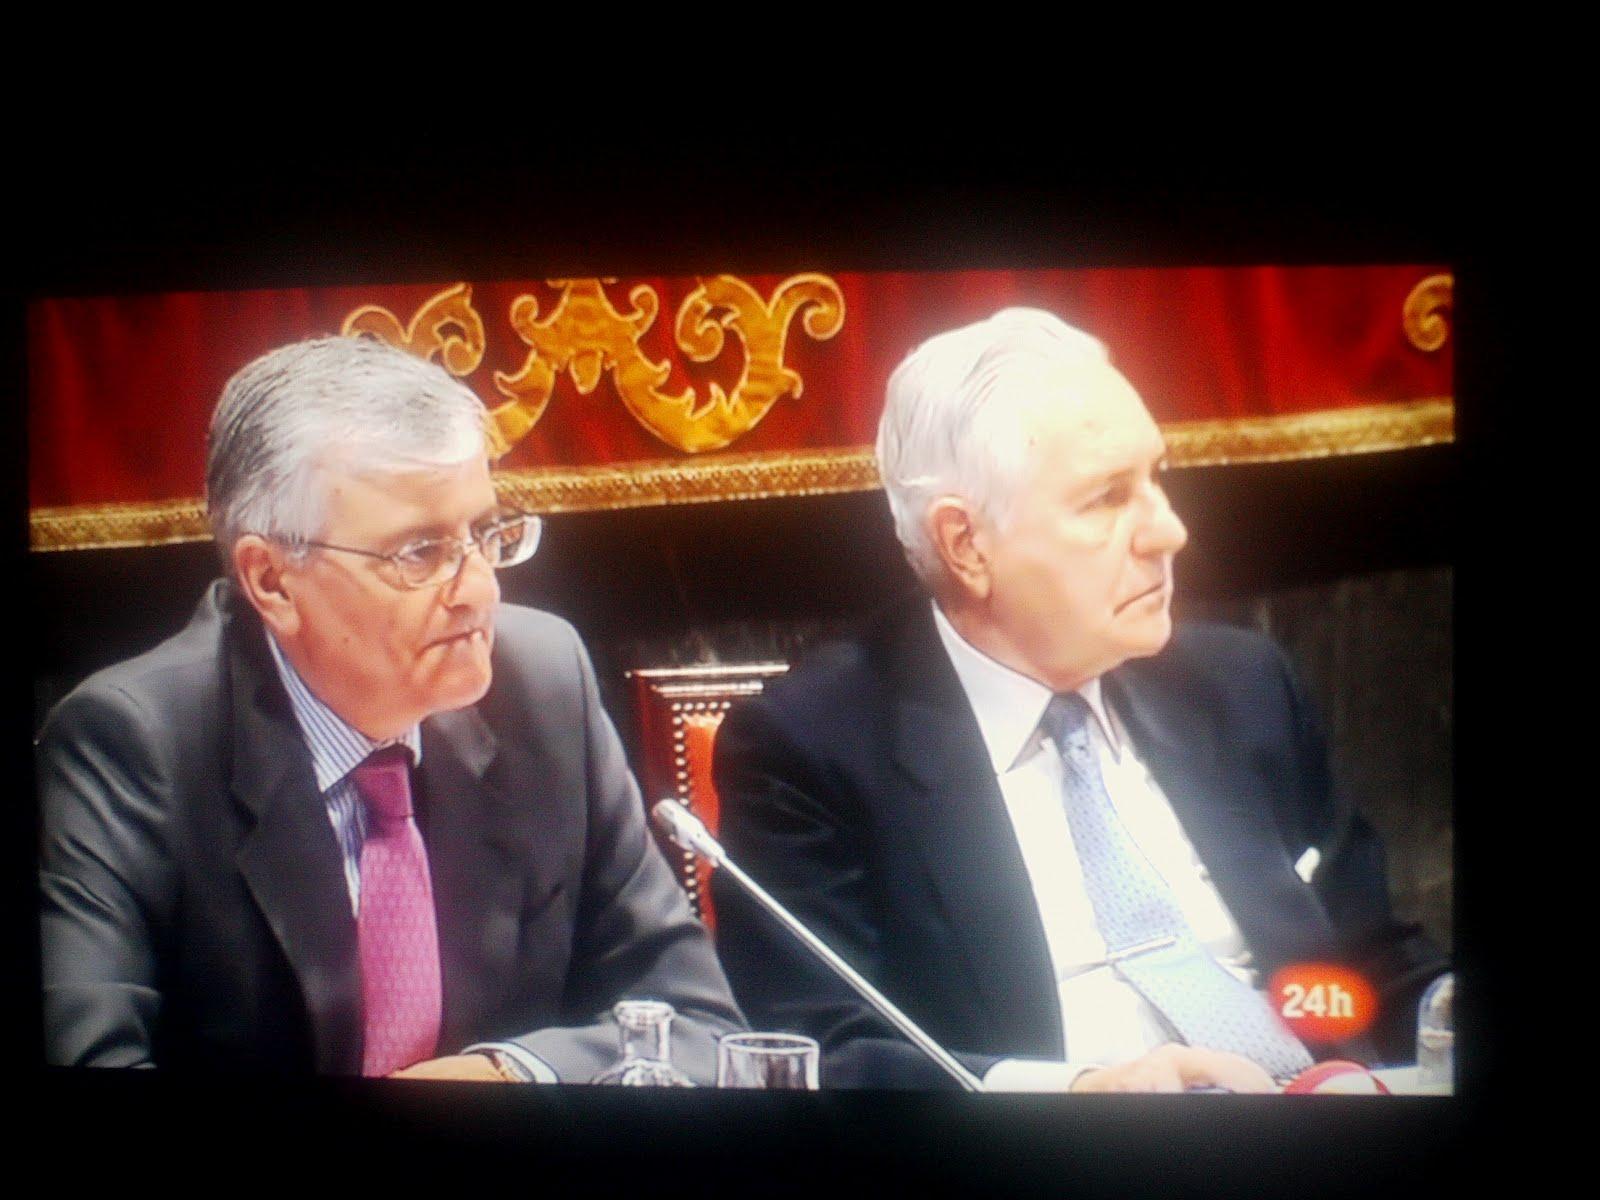 La gran corrupci n jorge fern ndez d az ministro del for Ex ministro del interior